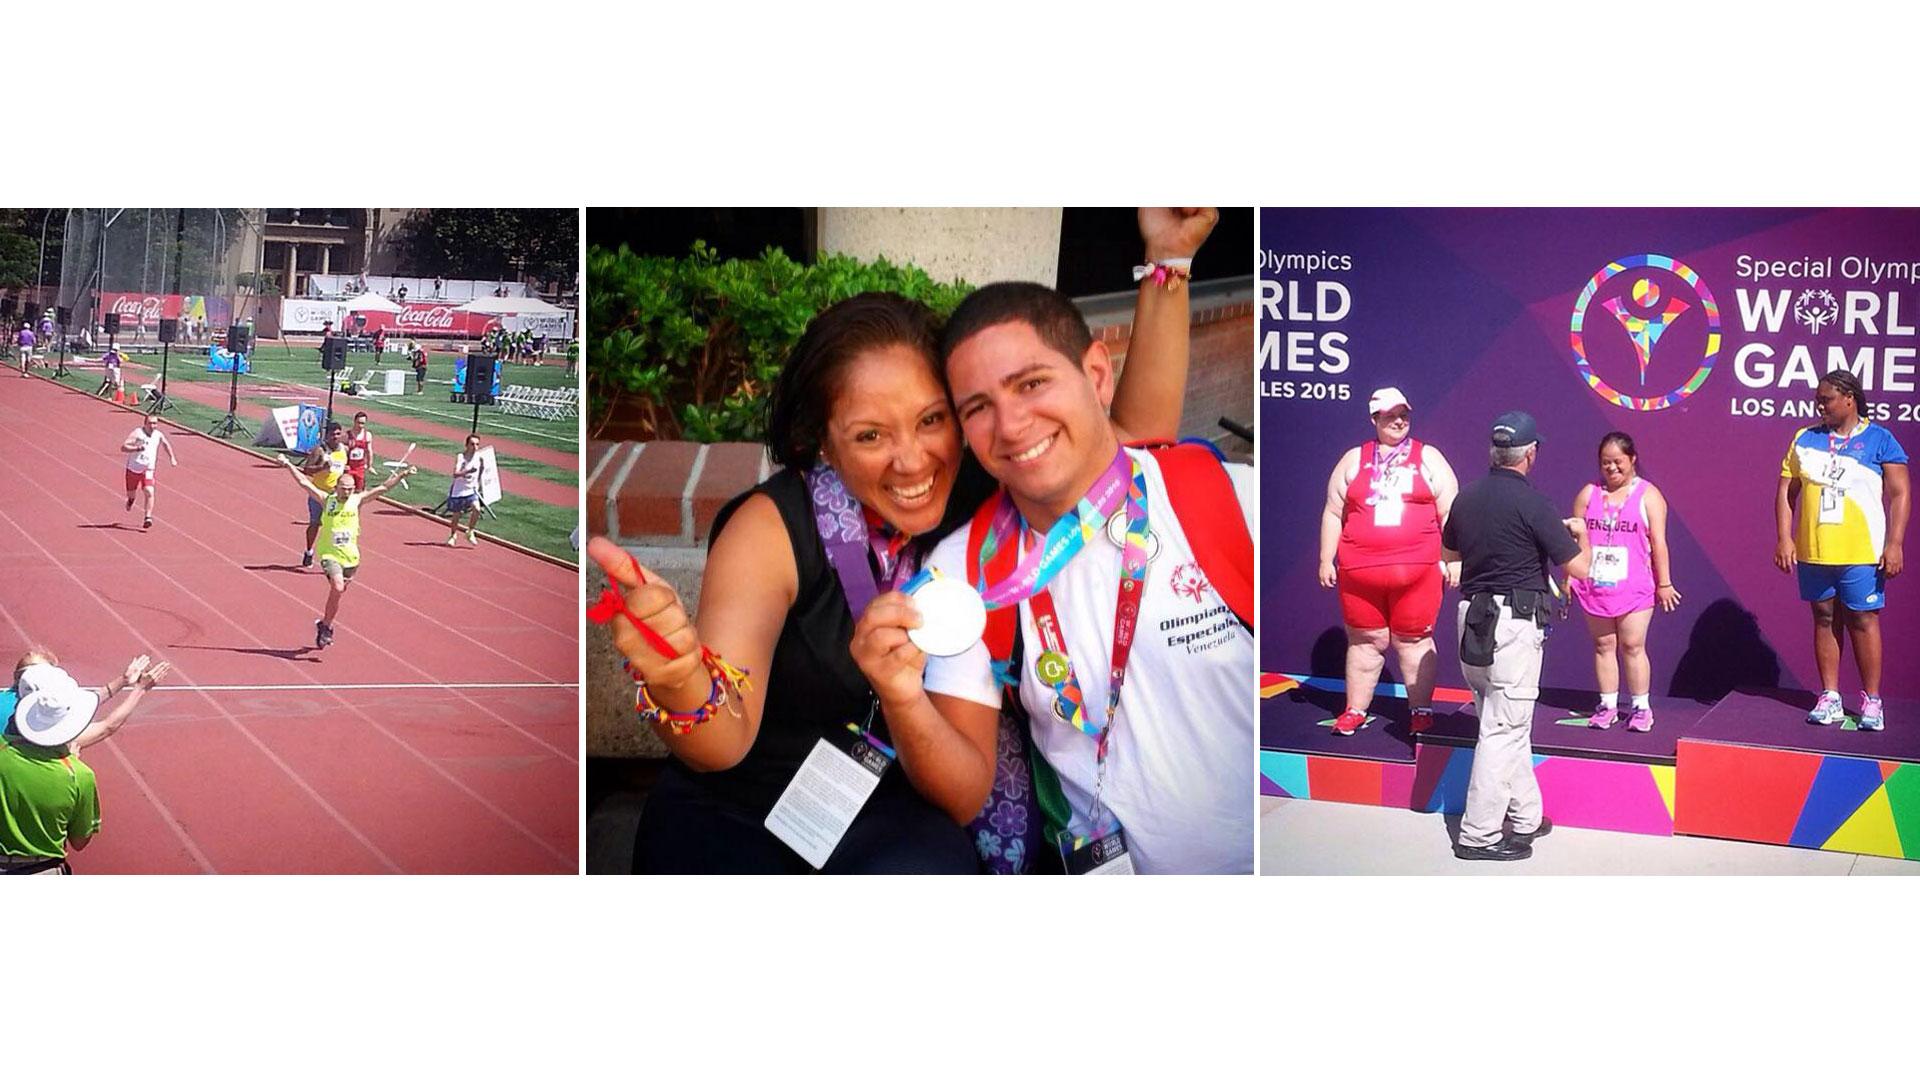 Fridgerl Medina fue uno de los que sumó un oro más en 25 metros libres de las Olimpiadas Especiales